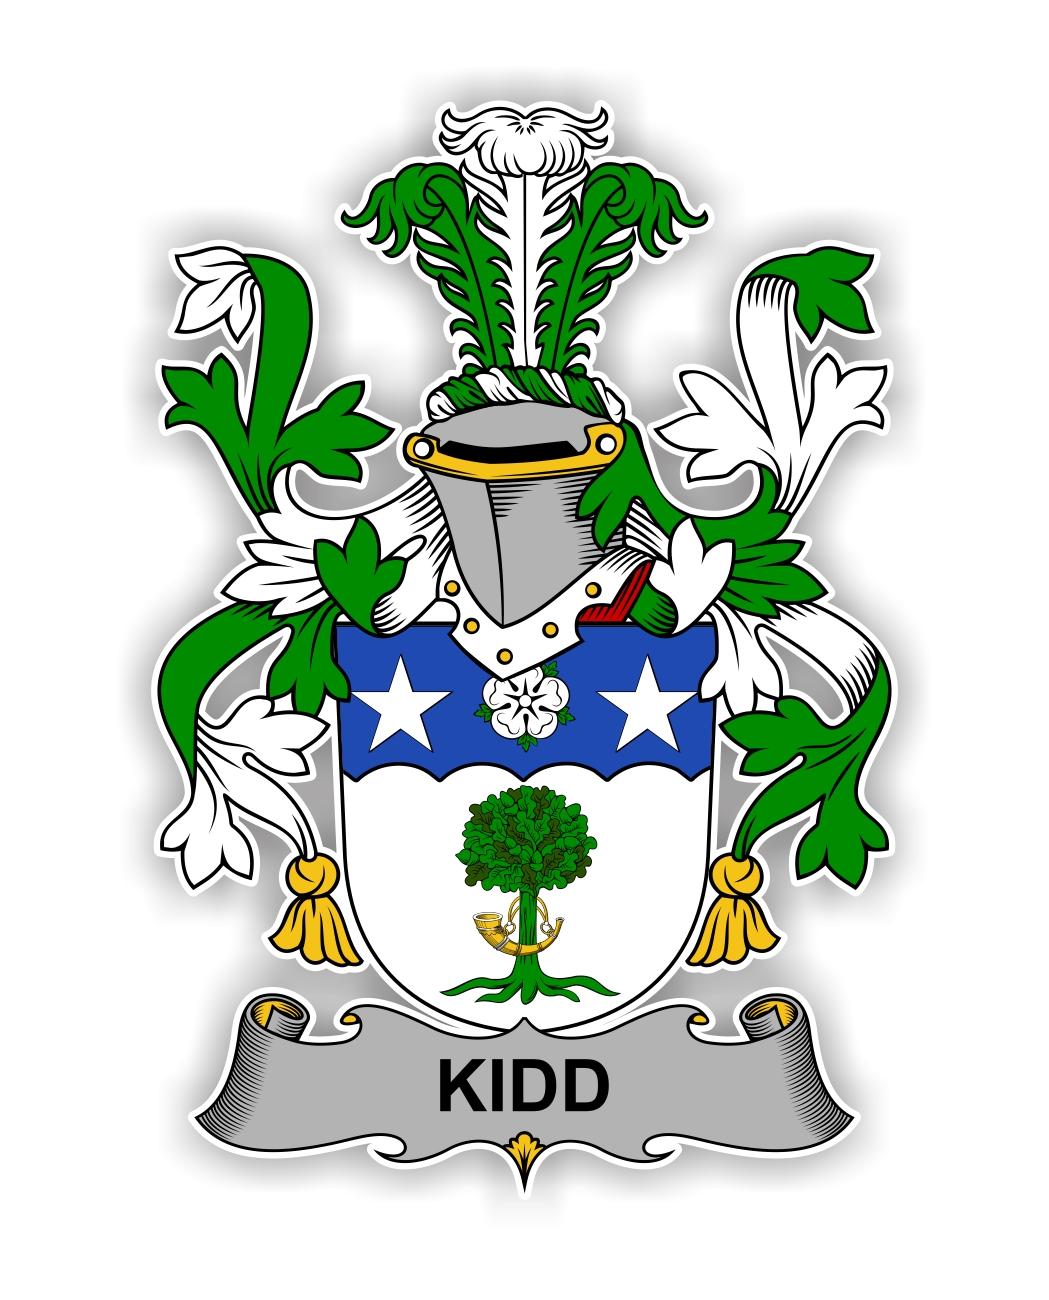 Kidd Family Crest Vinyl Die Cut Decal Sticker 4 Sizes